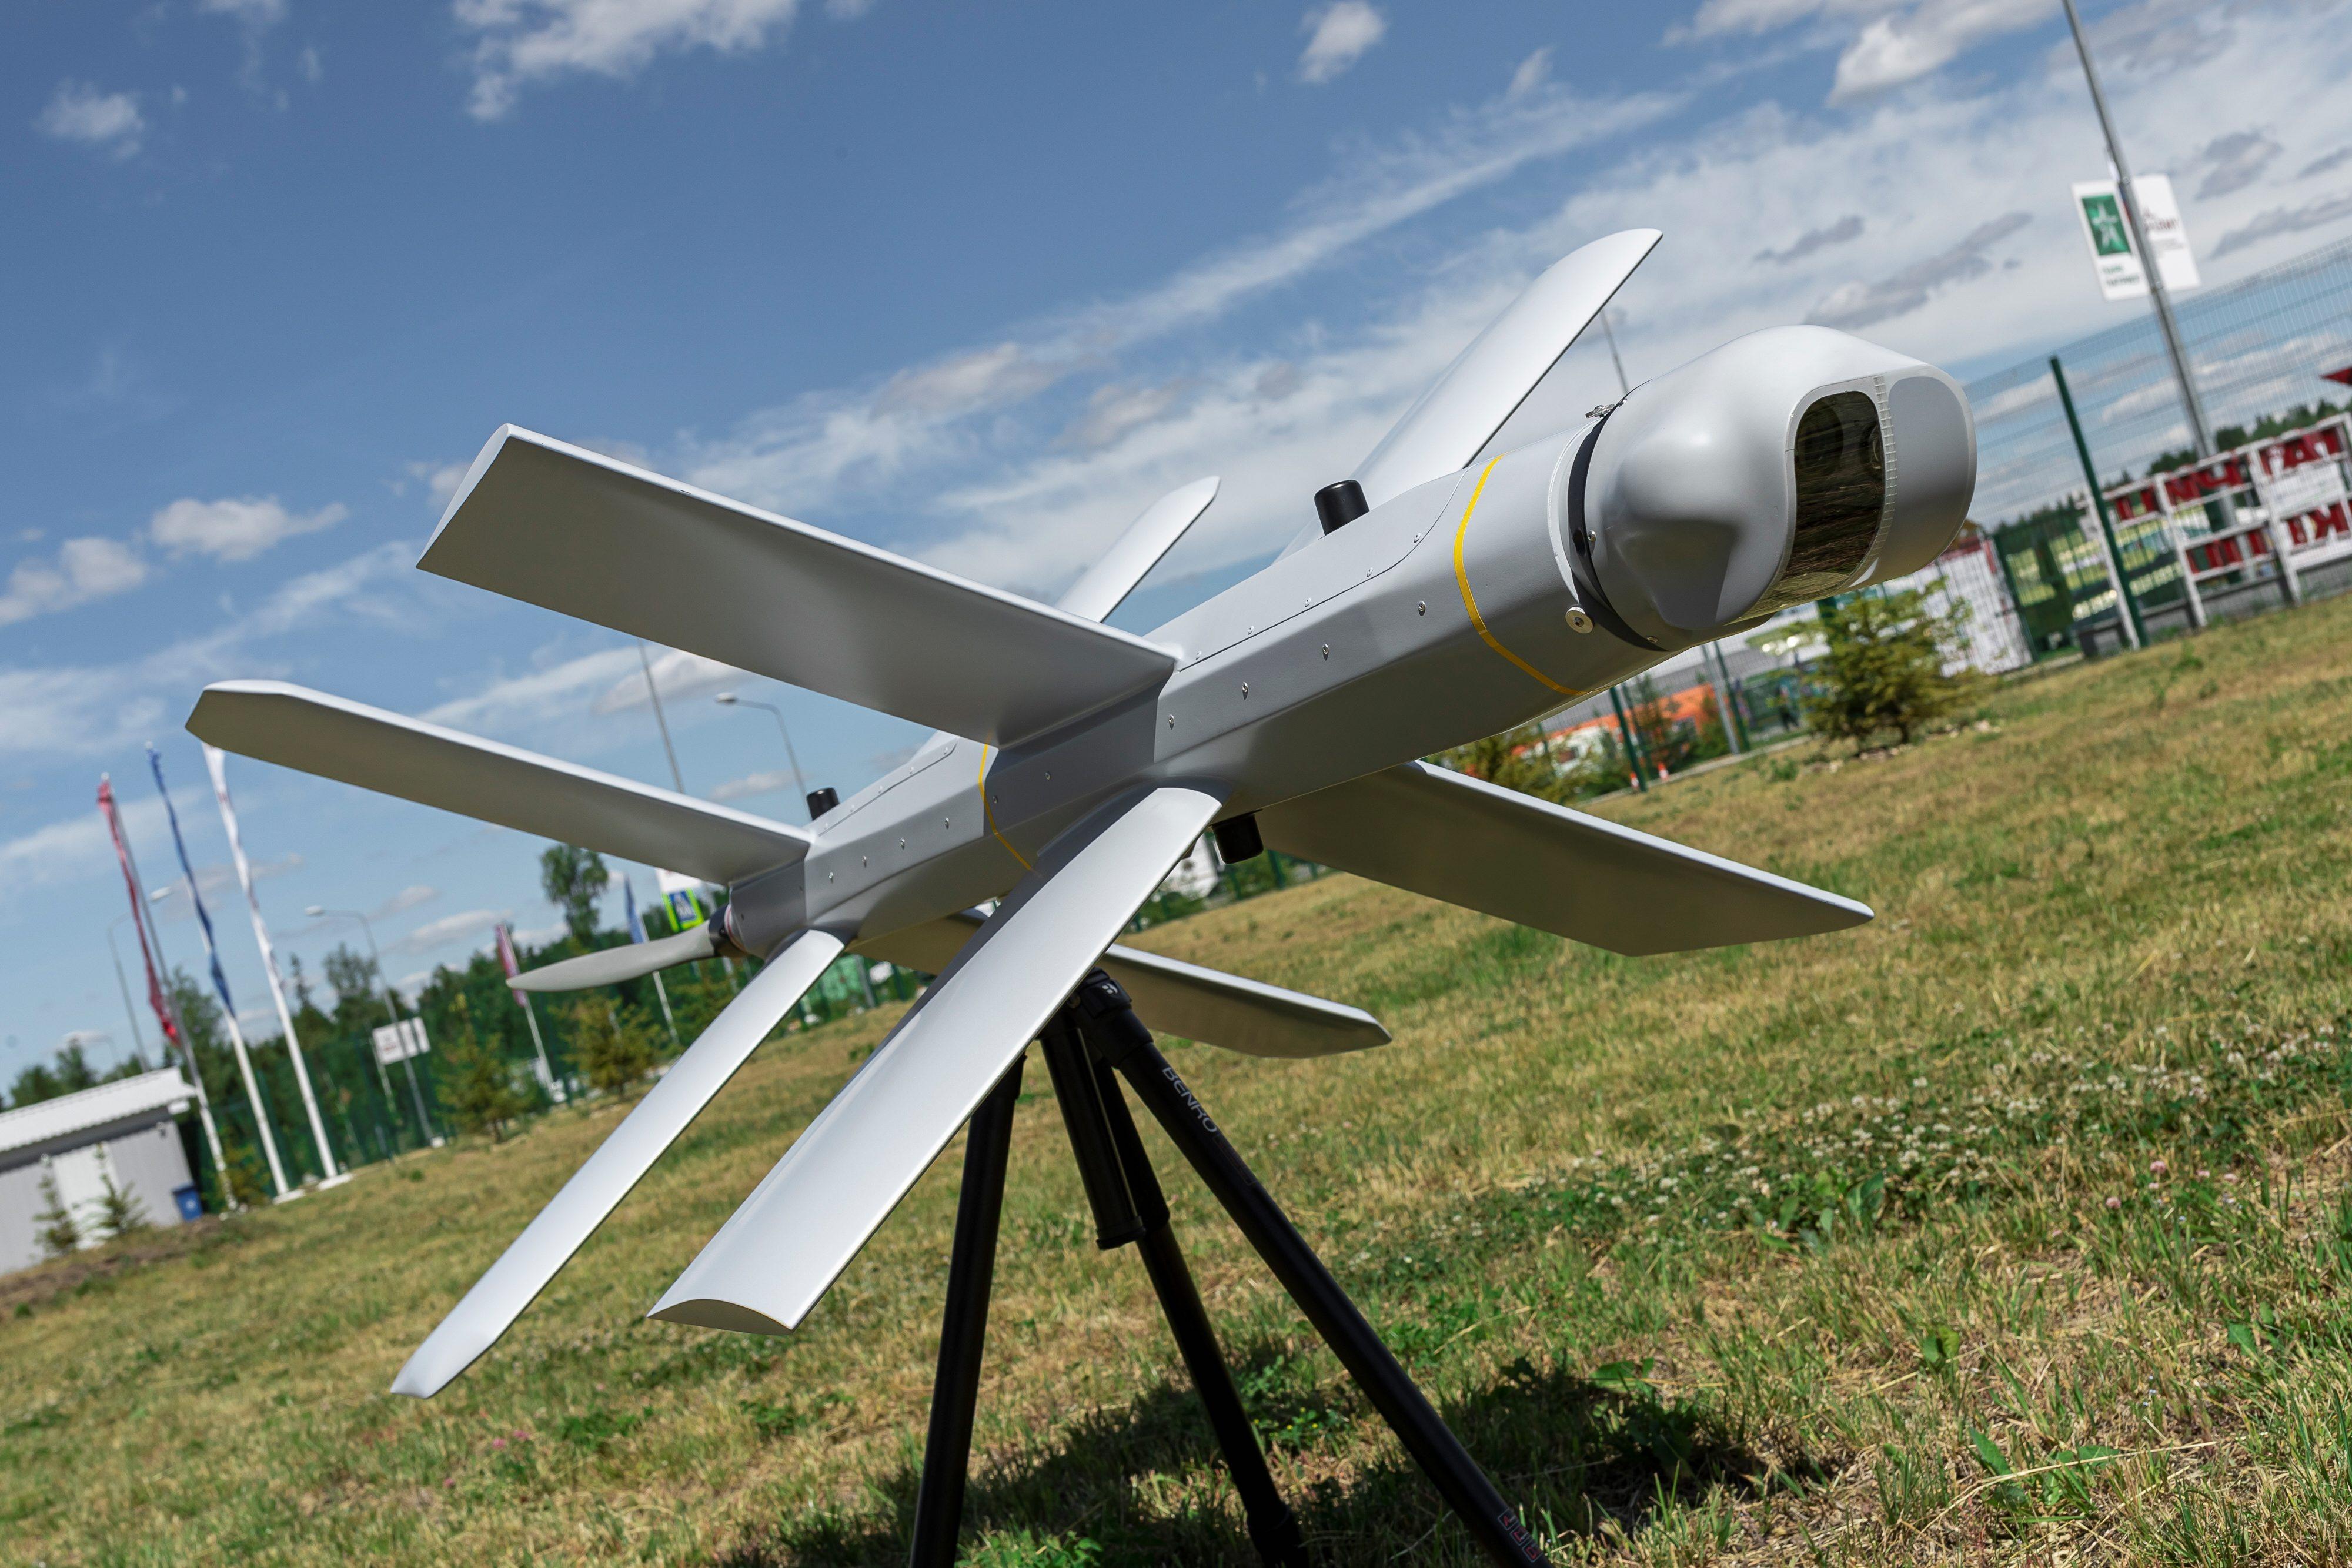 'Kamikaze drone: Russian arms merchants diversify, feverishly expand sales despite sanctions